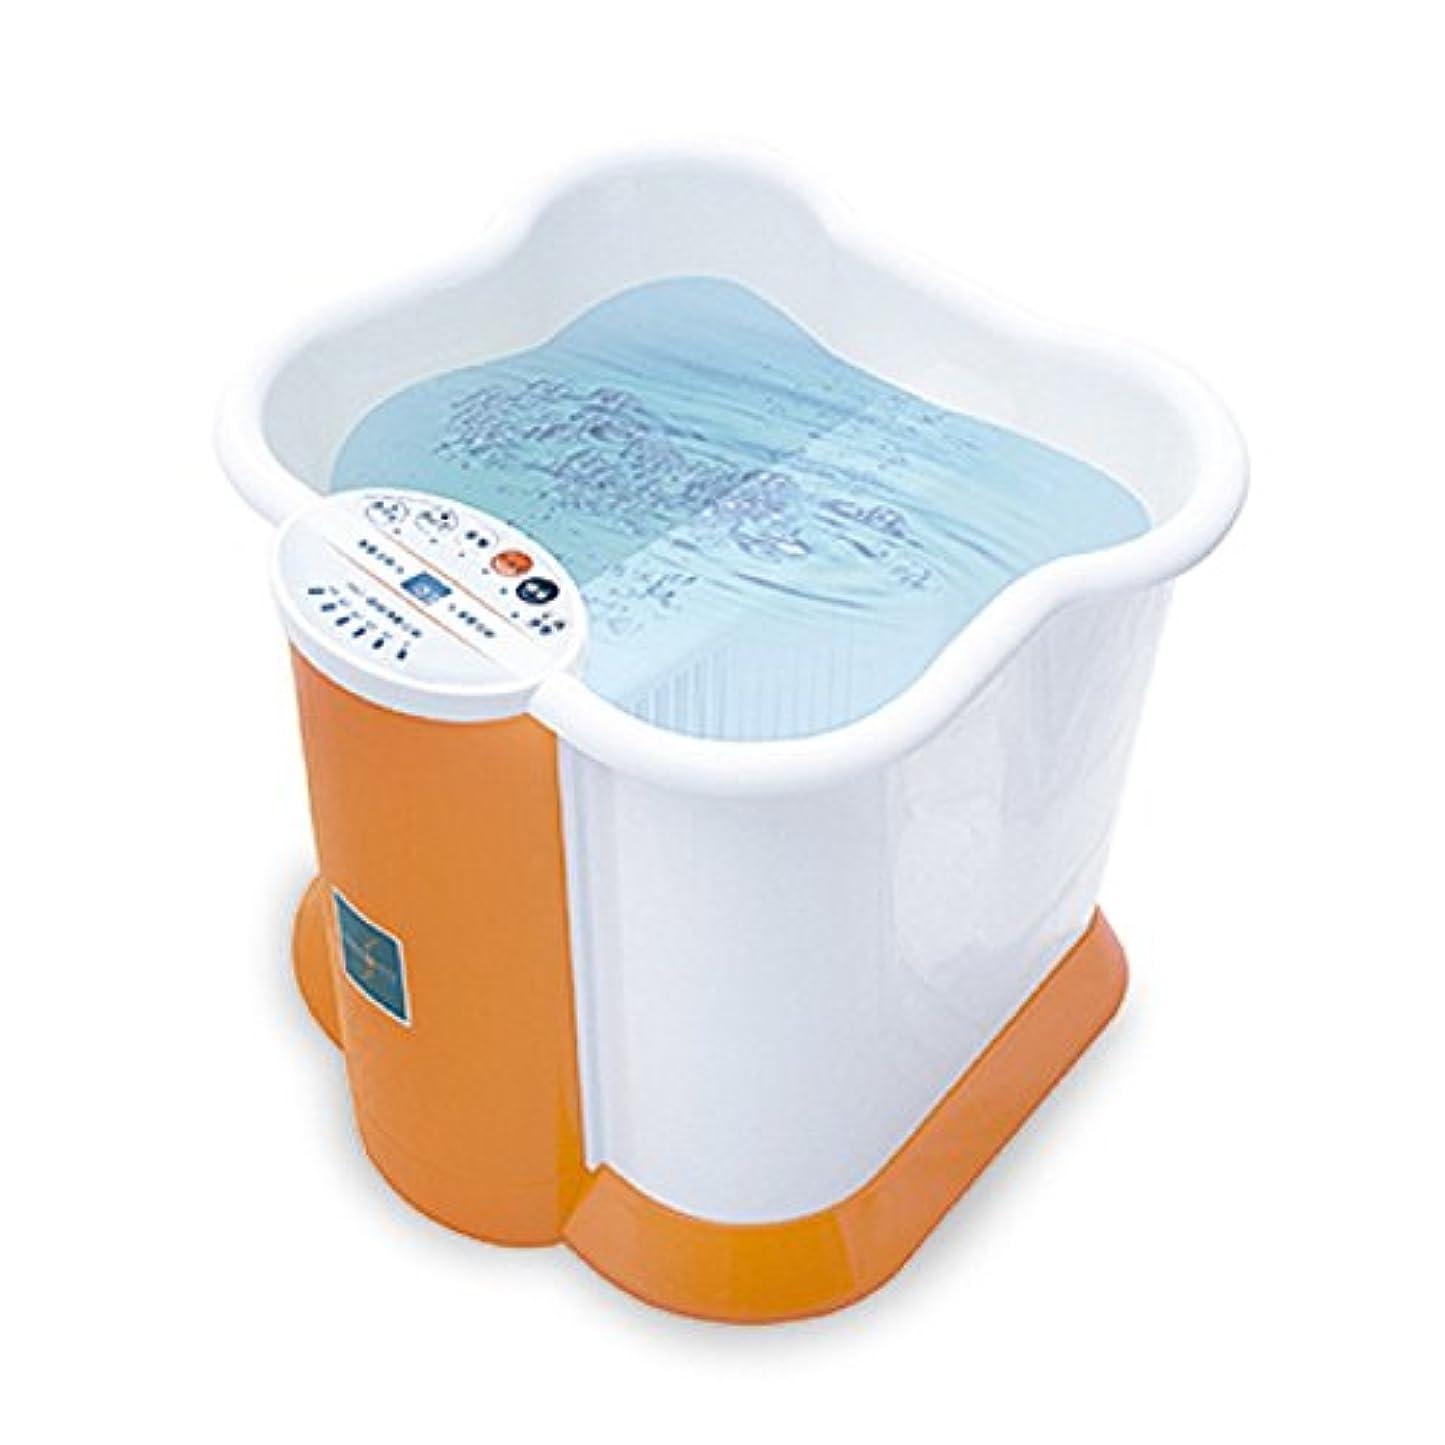 強化ファイターアーティファクト深型 足湯 フットバス Ashiyu foot Spa KS-N1010 保温 バブル